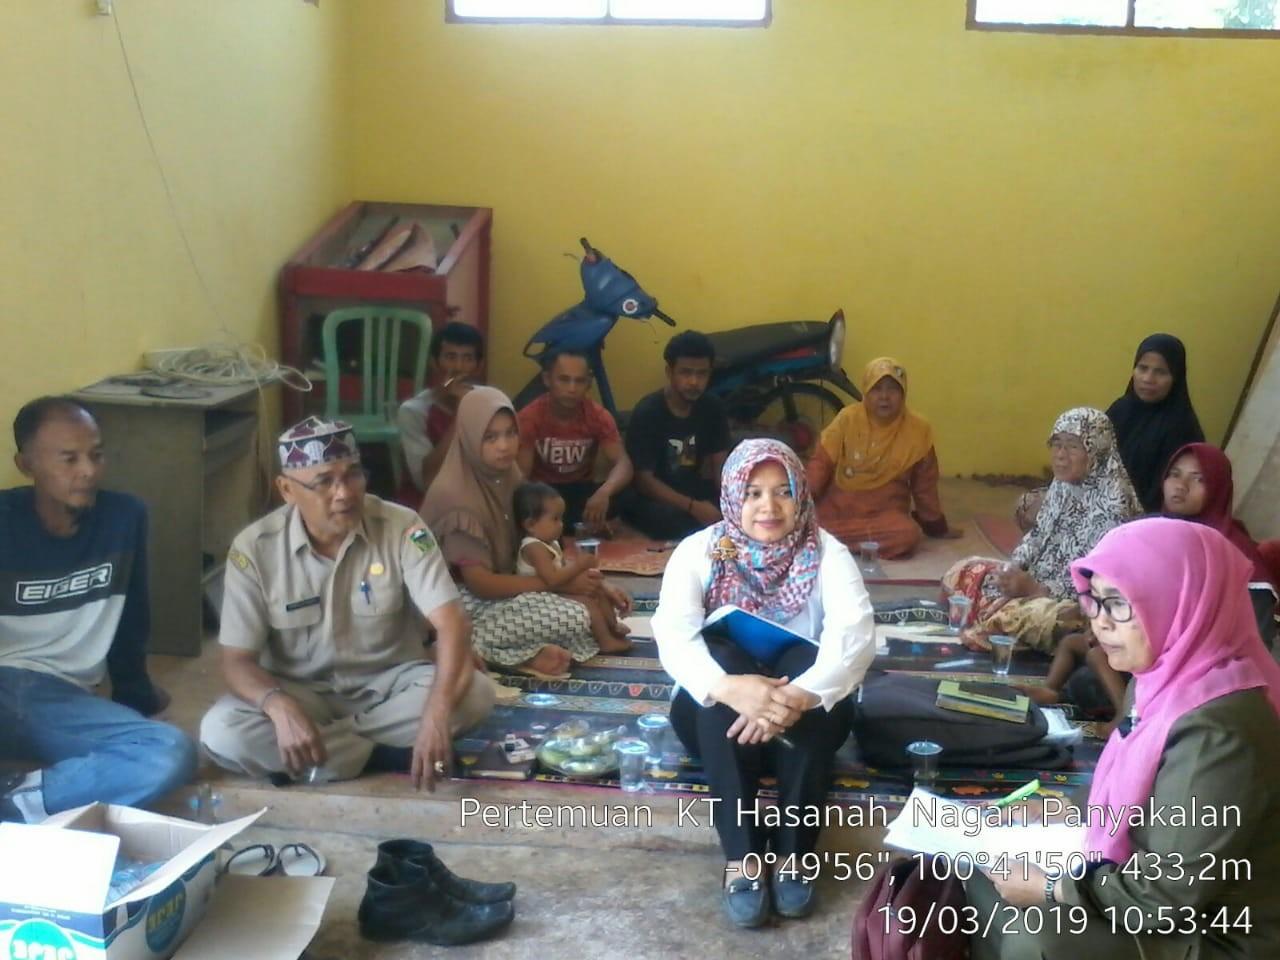 Pertemuan Kelompok Hasanah Nagari Panyakalan